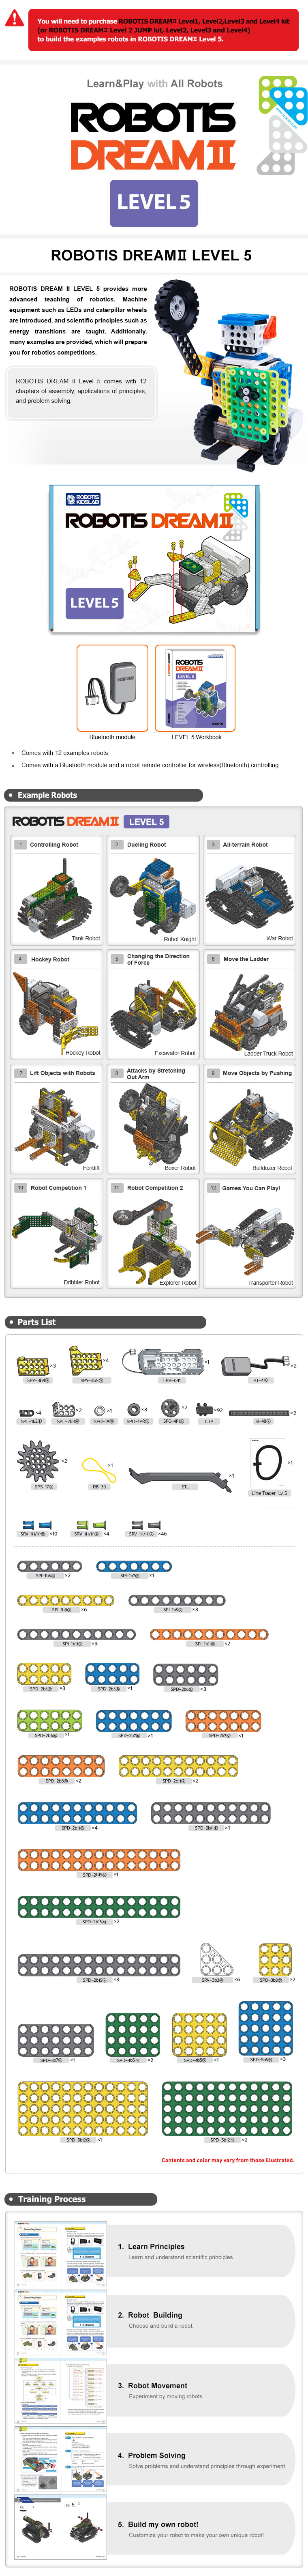 robotis-dream-lv5-en-ver1803.jpg